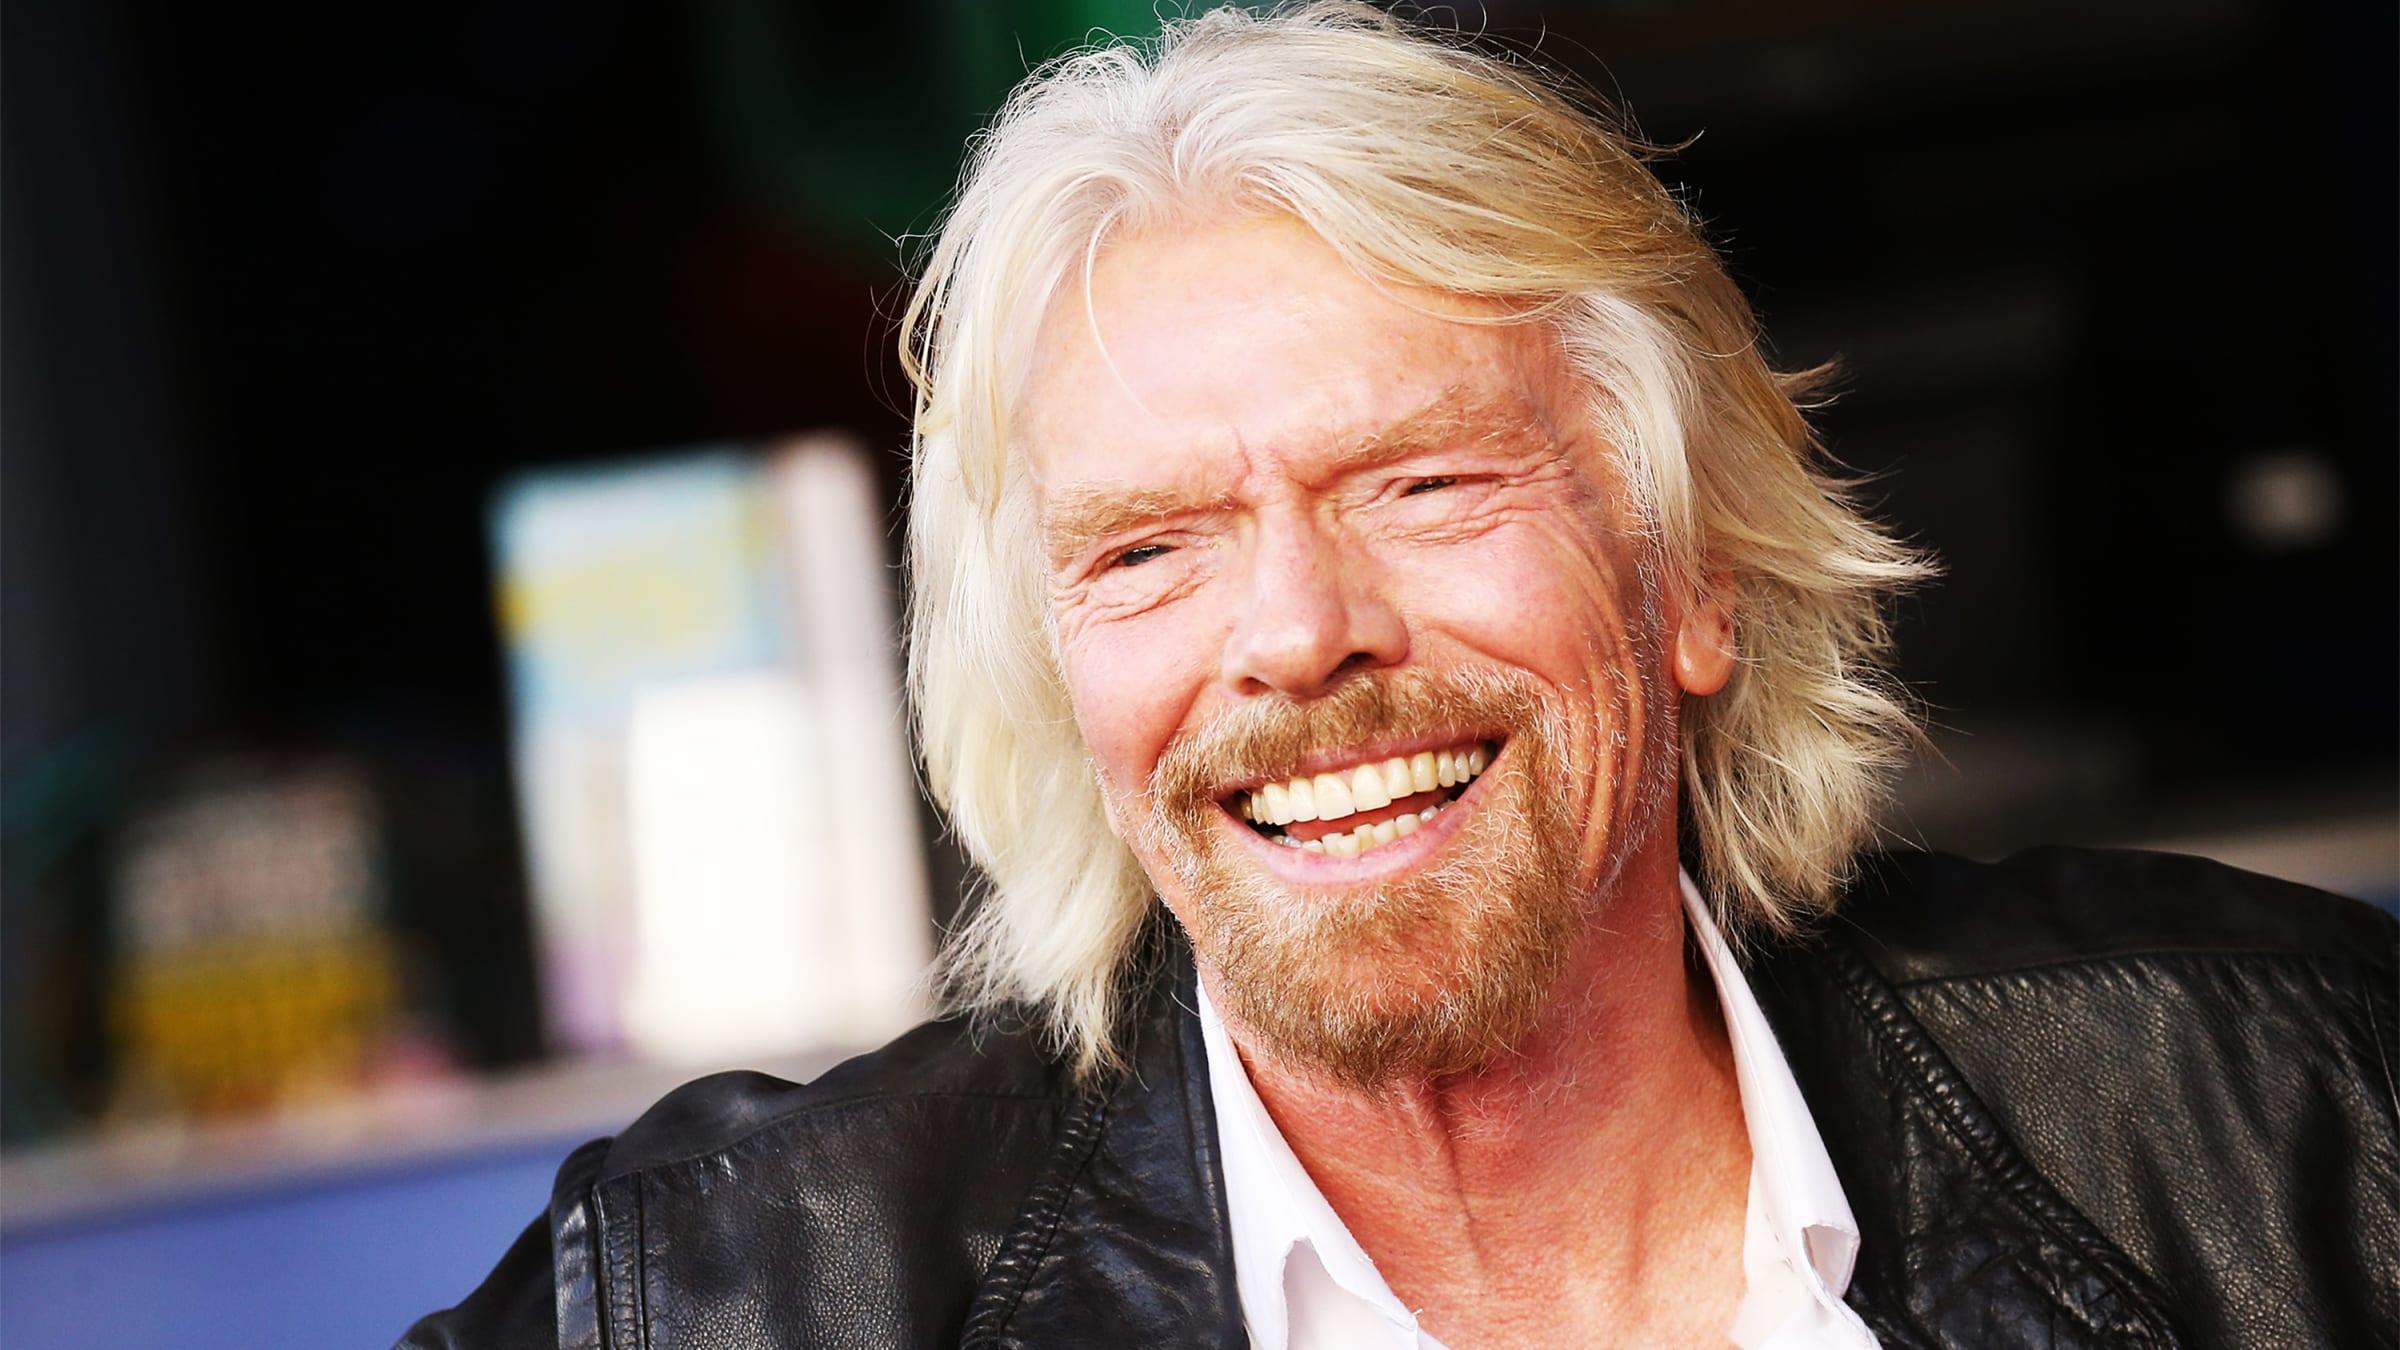 نتيجة بحث الصور عن Richard Branson